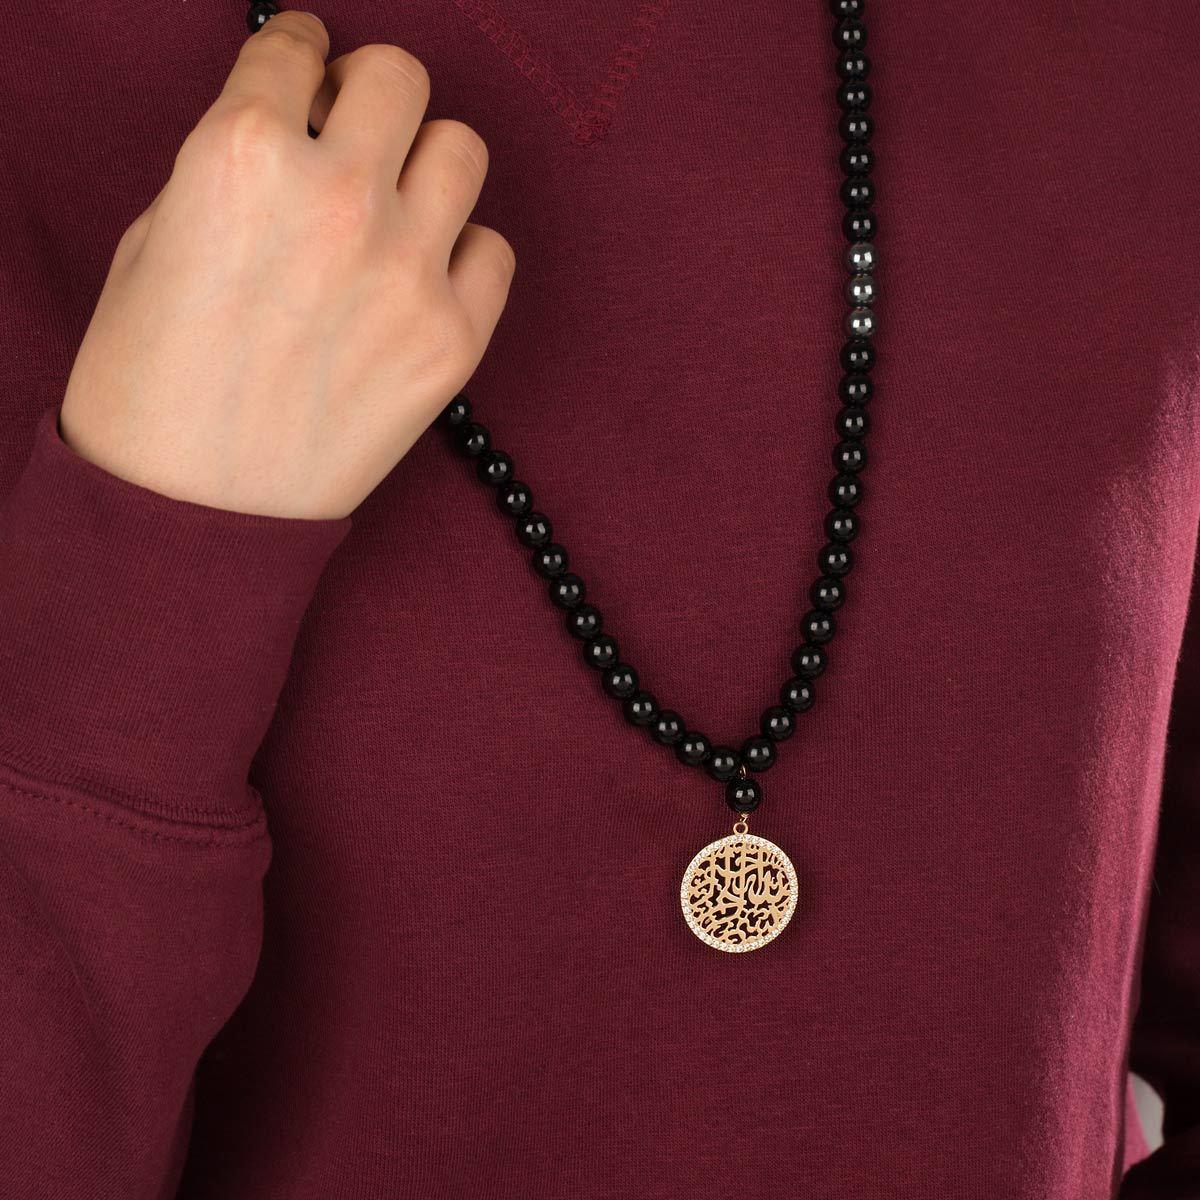 گردنبند طلا سنگی بسم الله نگین دار